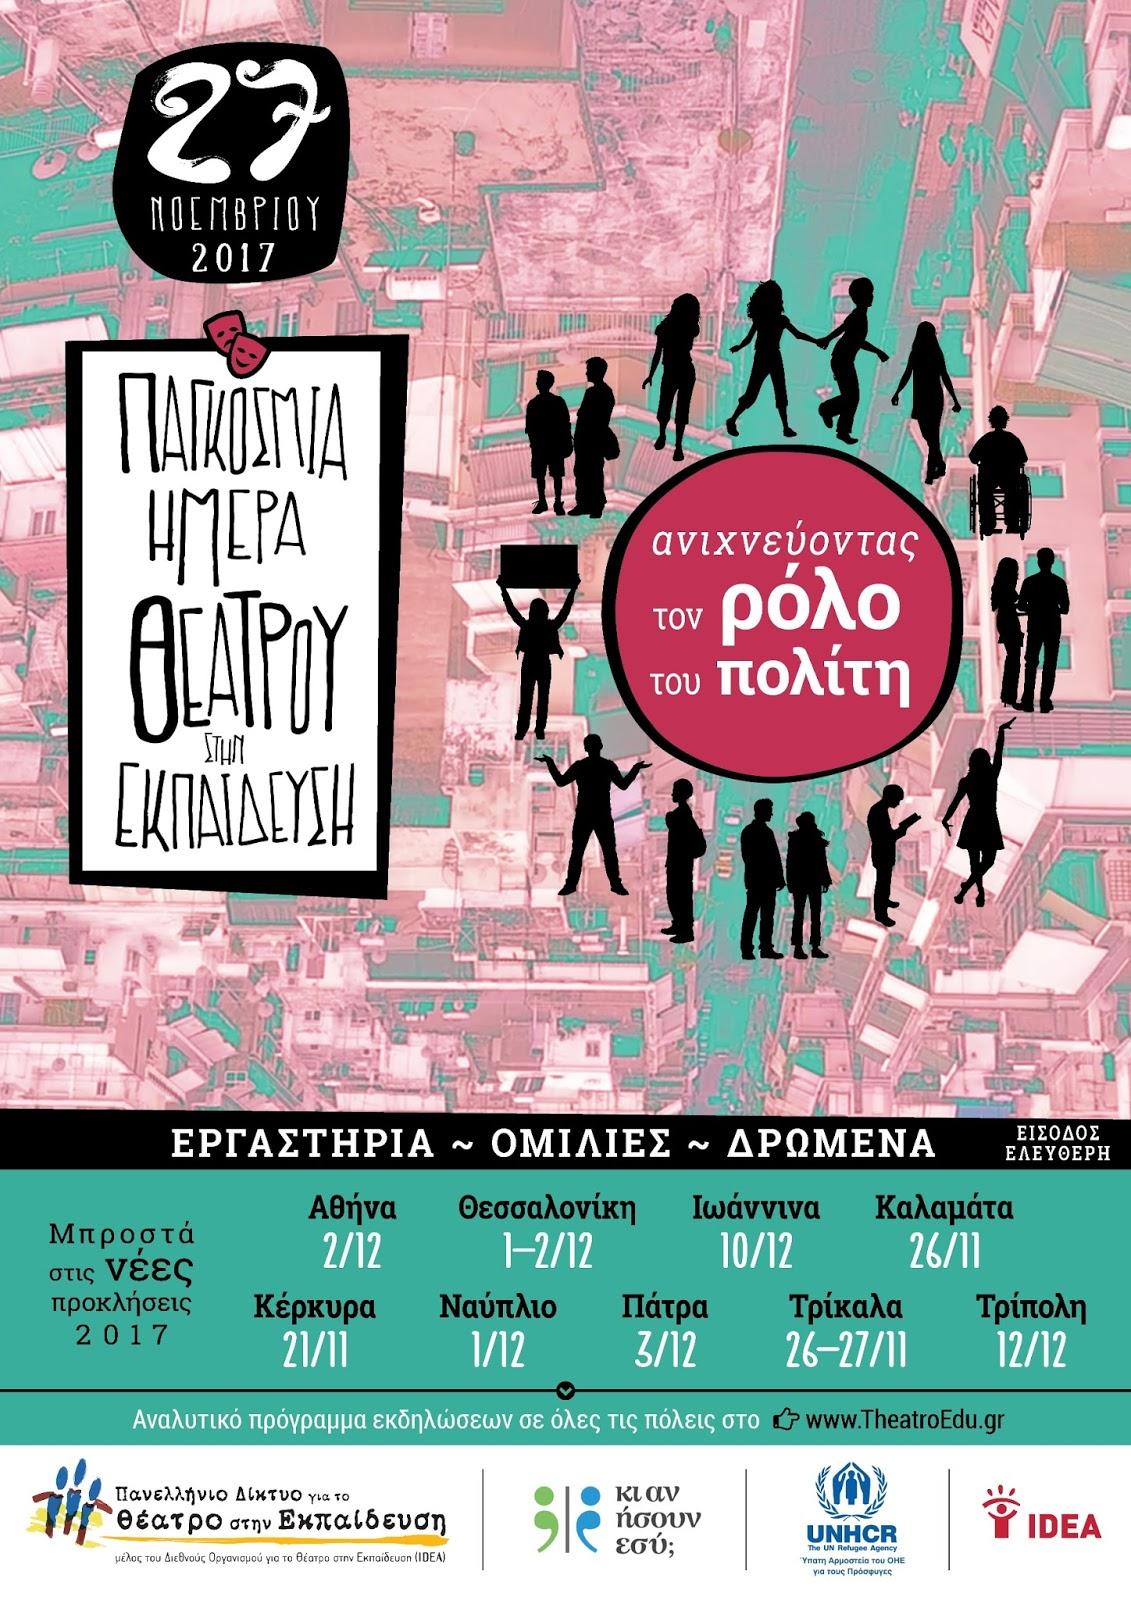 Παγκόσμια Ημέρα για το Θέατρο στην Εκπαίδευση